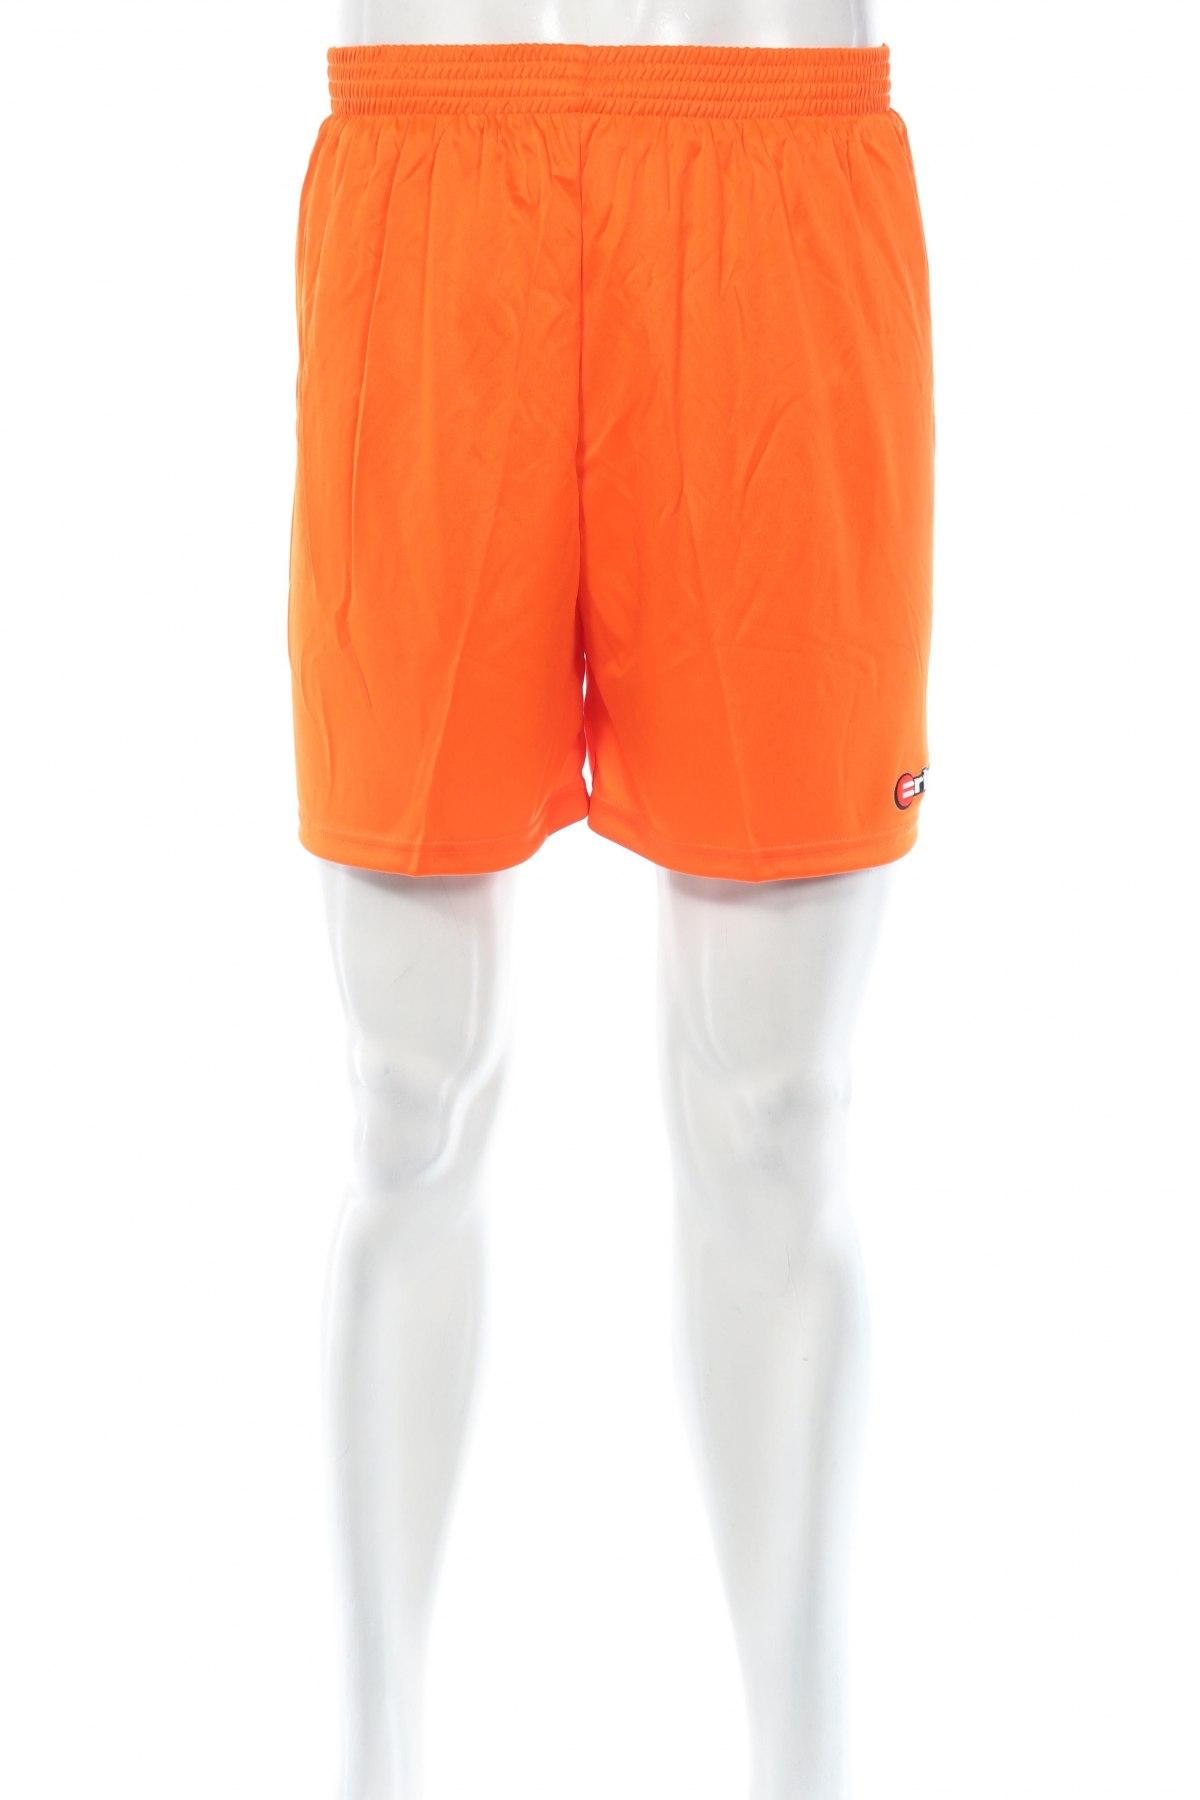 Мъжки къс панталон Erima, Размер L, Цвят Оранжев, Полиестер, Цена 11,70лв.